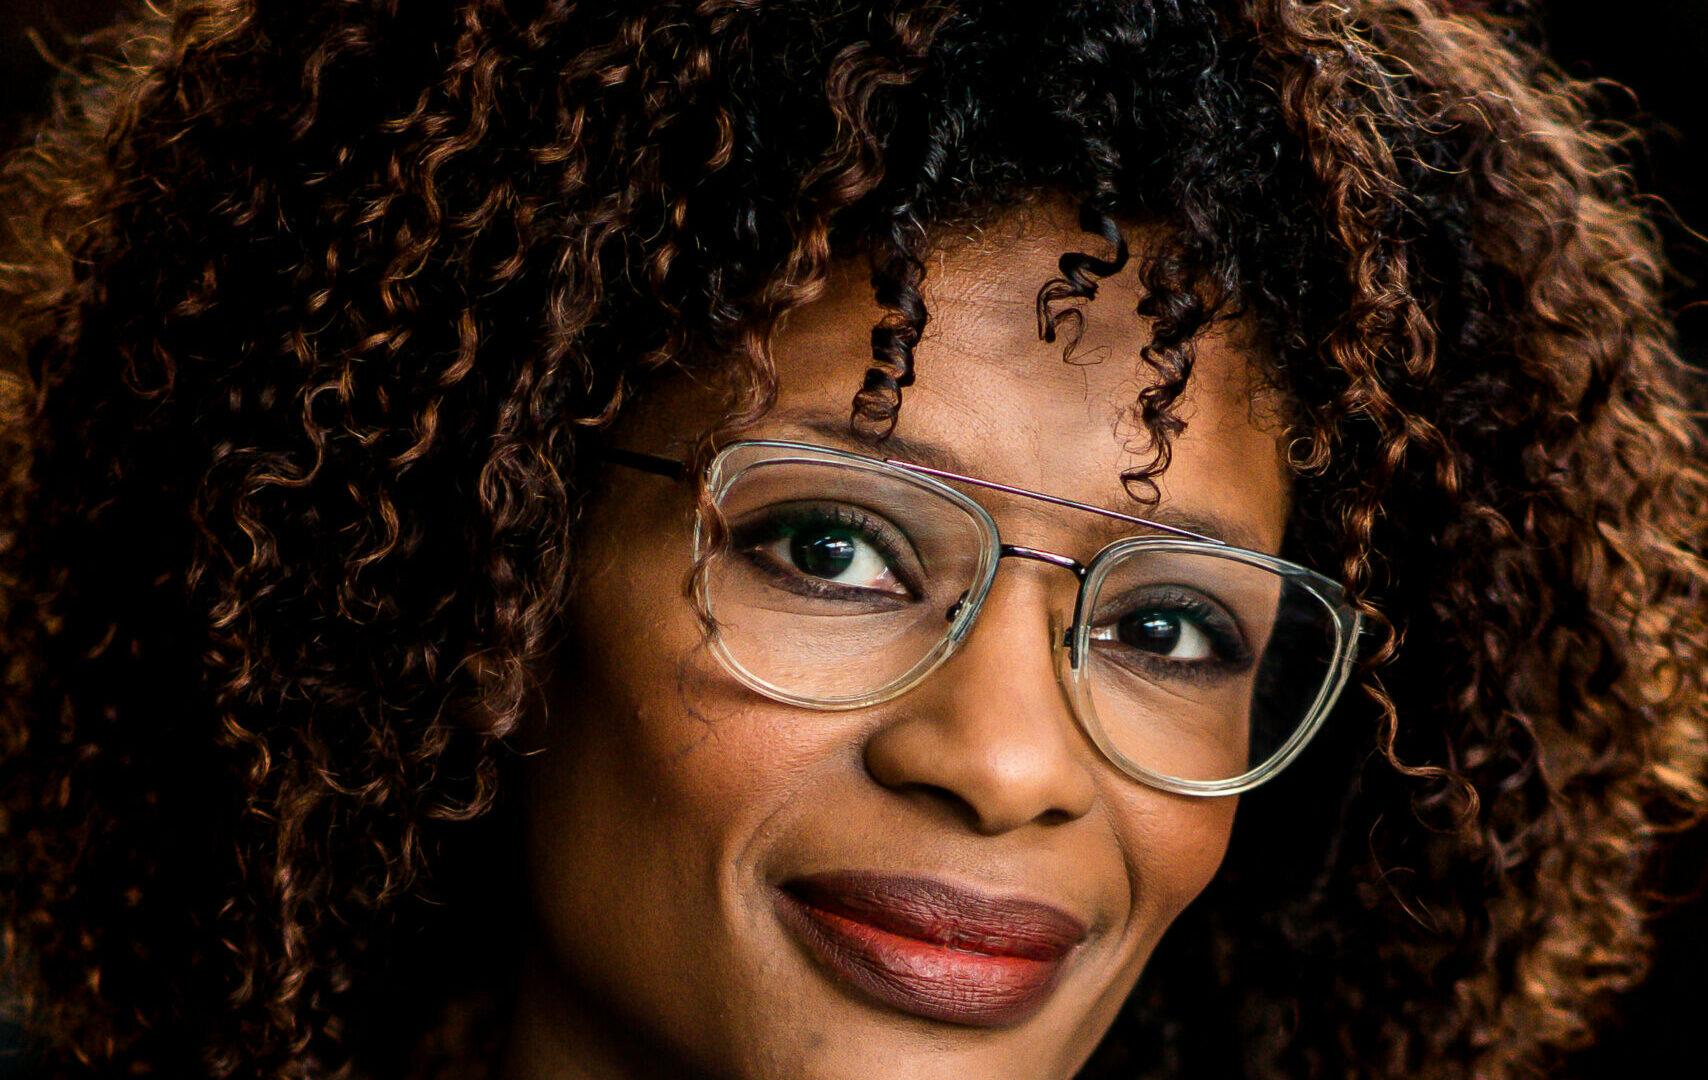 Portretfoto van Sylvana Simons. Ze kijkt glimlachend de camera in. Ze is een zwarte vrouw met halflangvolumineus krullend haar. Ze draagt een bril met doorzichtig pilotenmontuur en een blauwe trui.